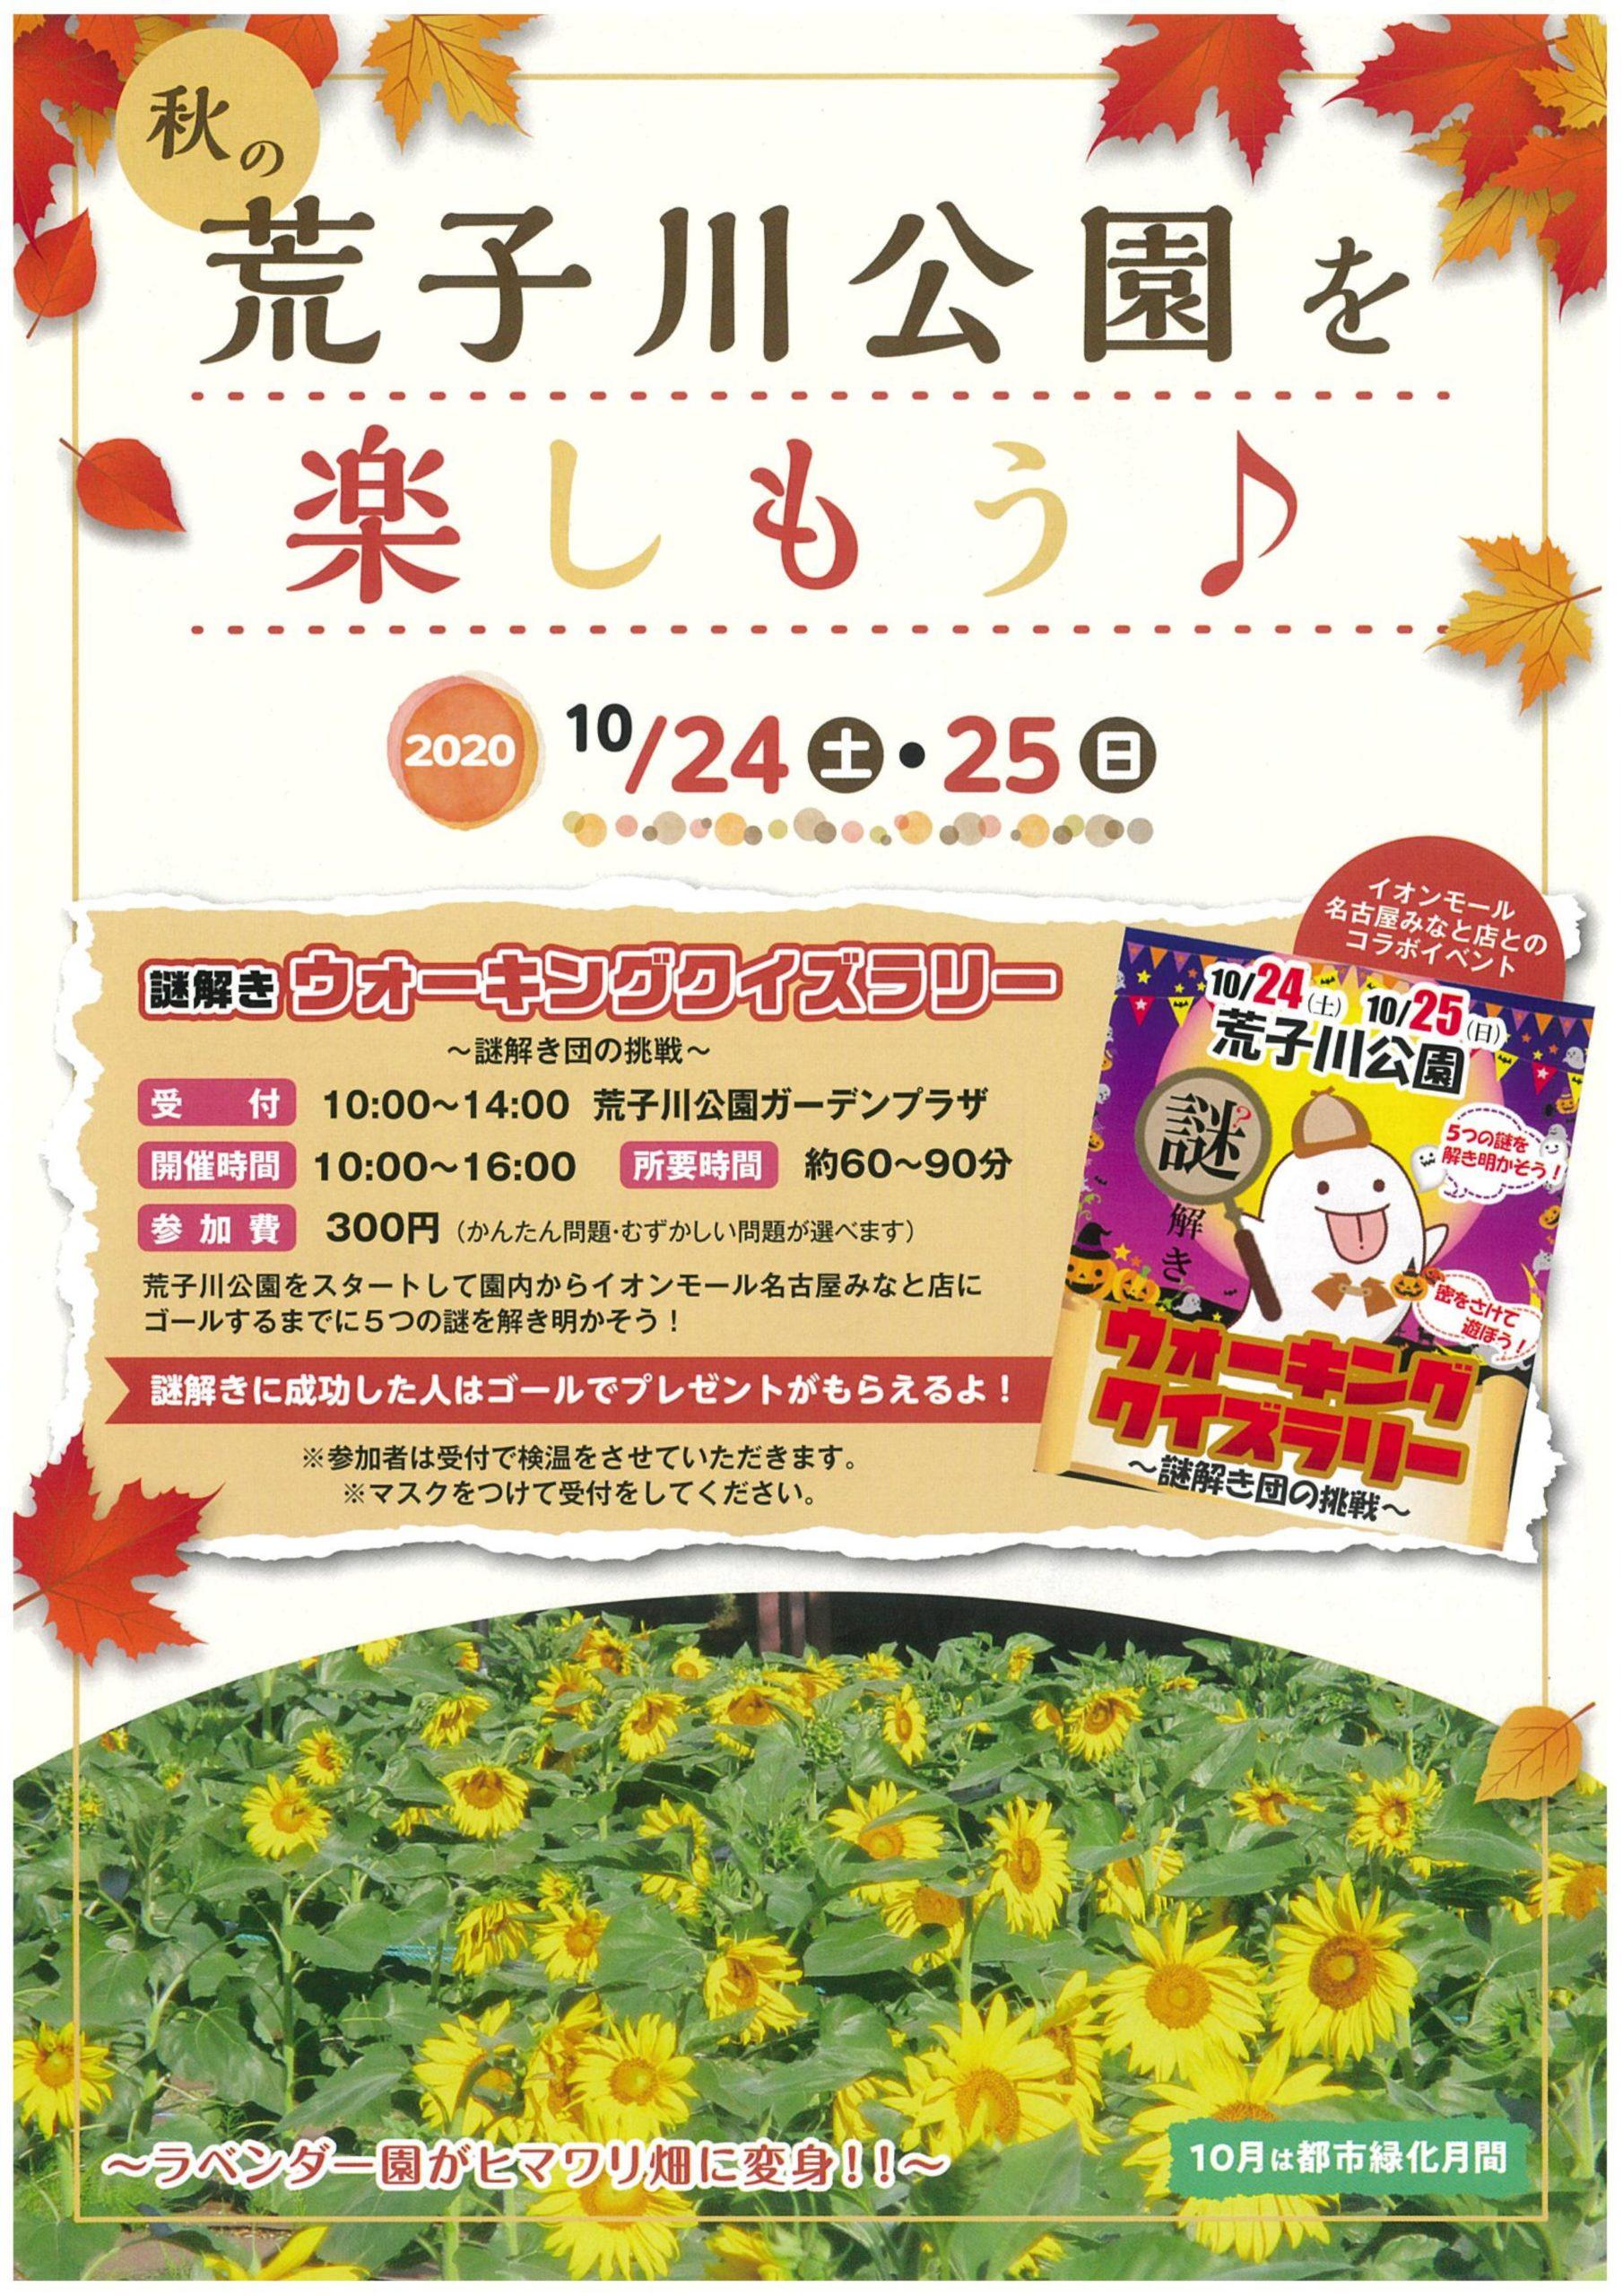 10/24-25 荒子川公園を楽しもう♪